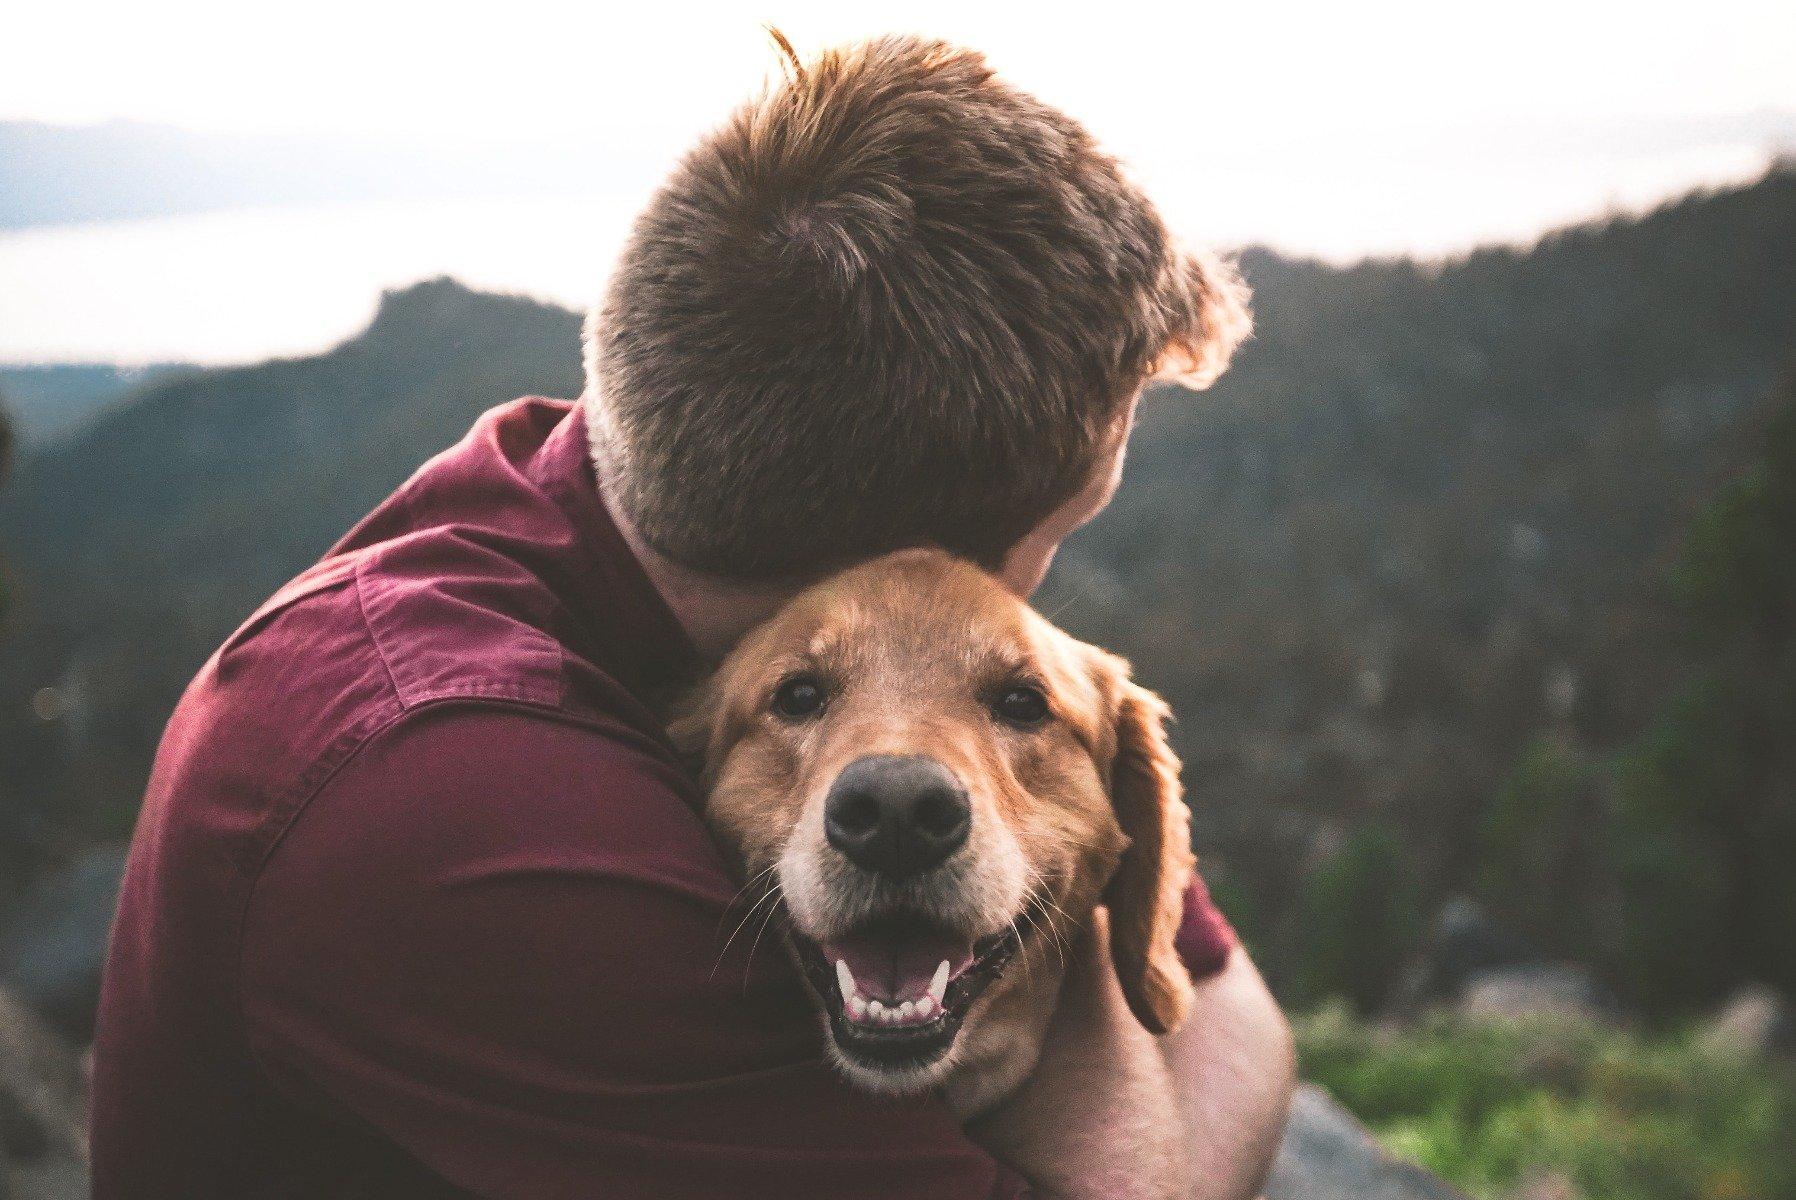 Herrchen hält Hund im Arm, bergige Landschaft im Hintergrund